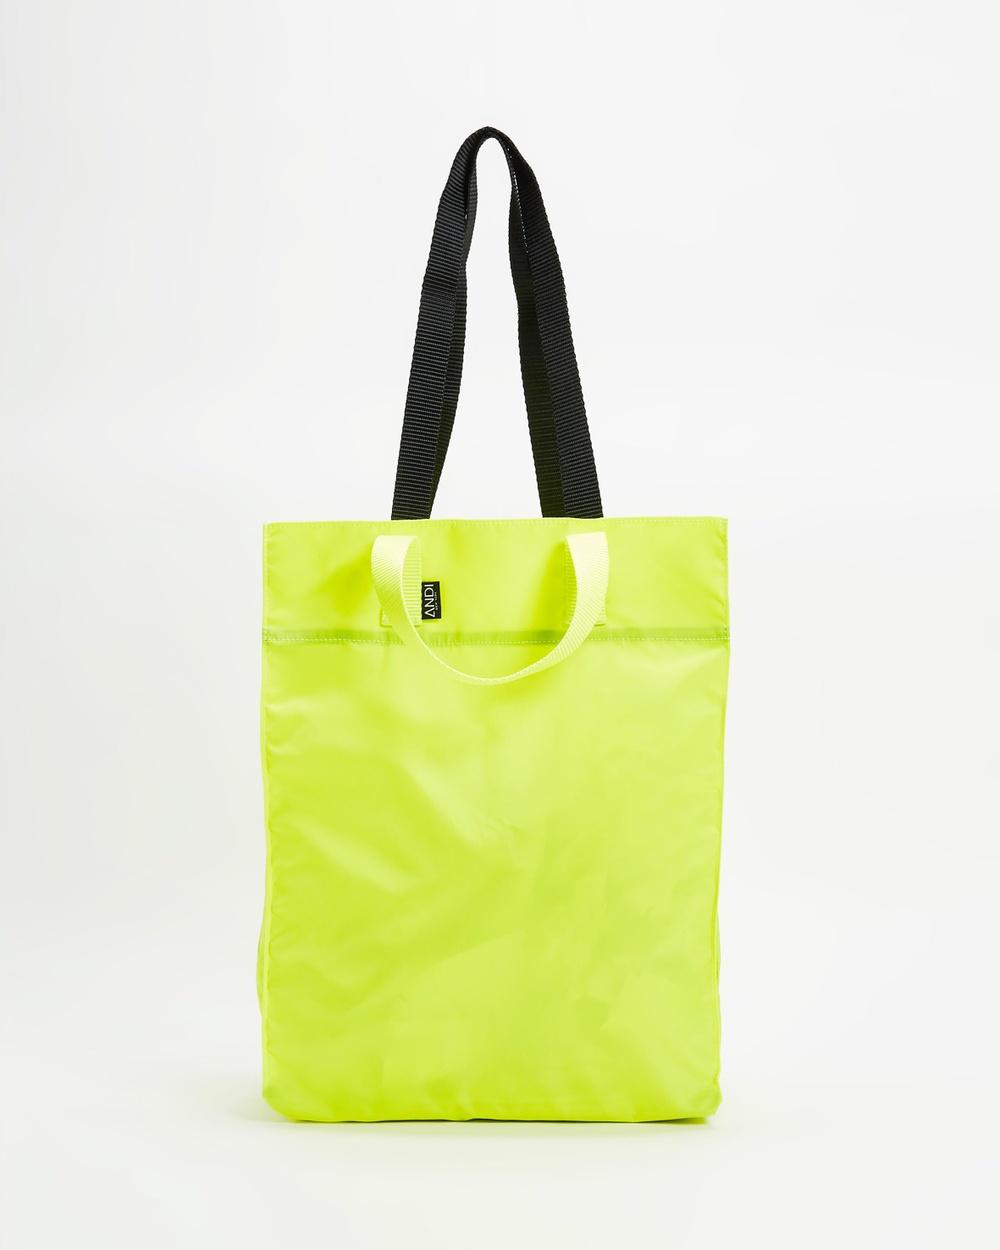 ANDI New York The Origami Tote Bags Neon Lemon